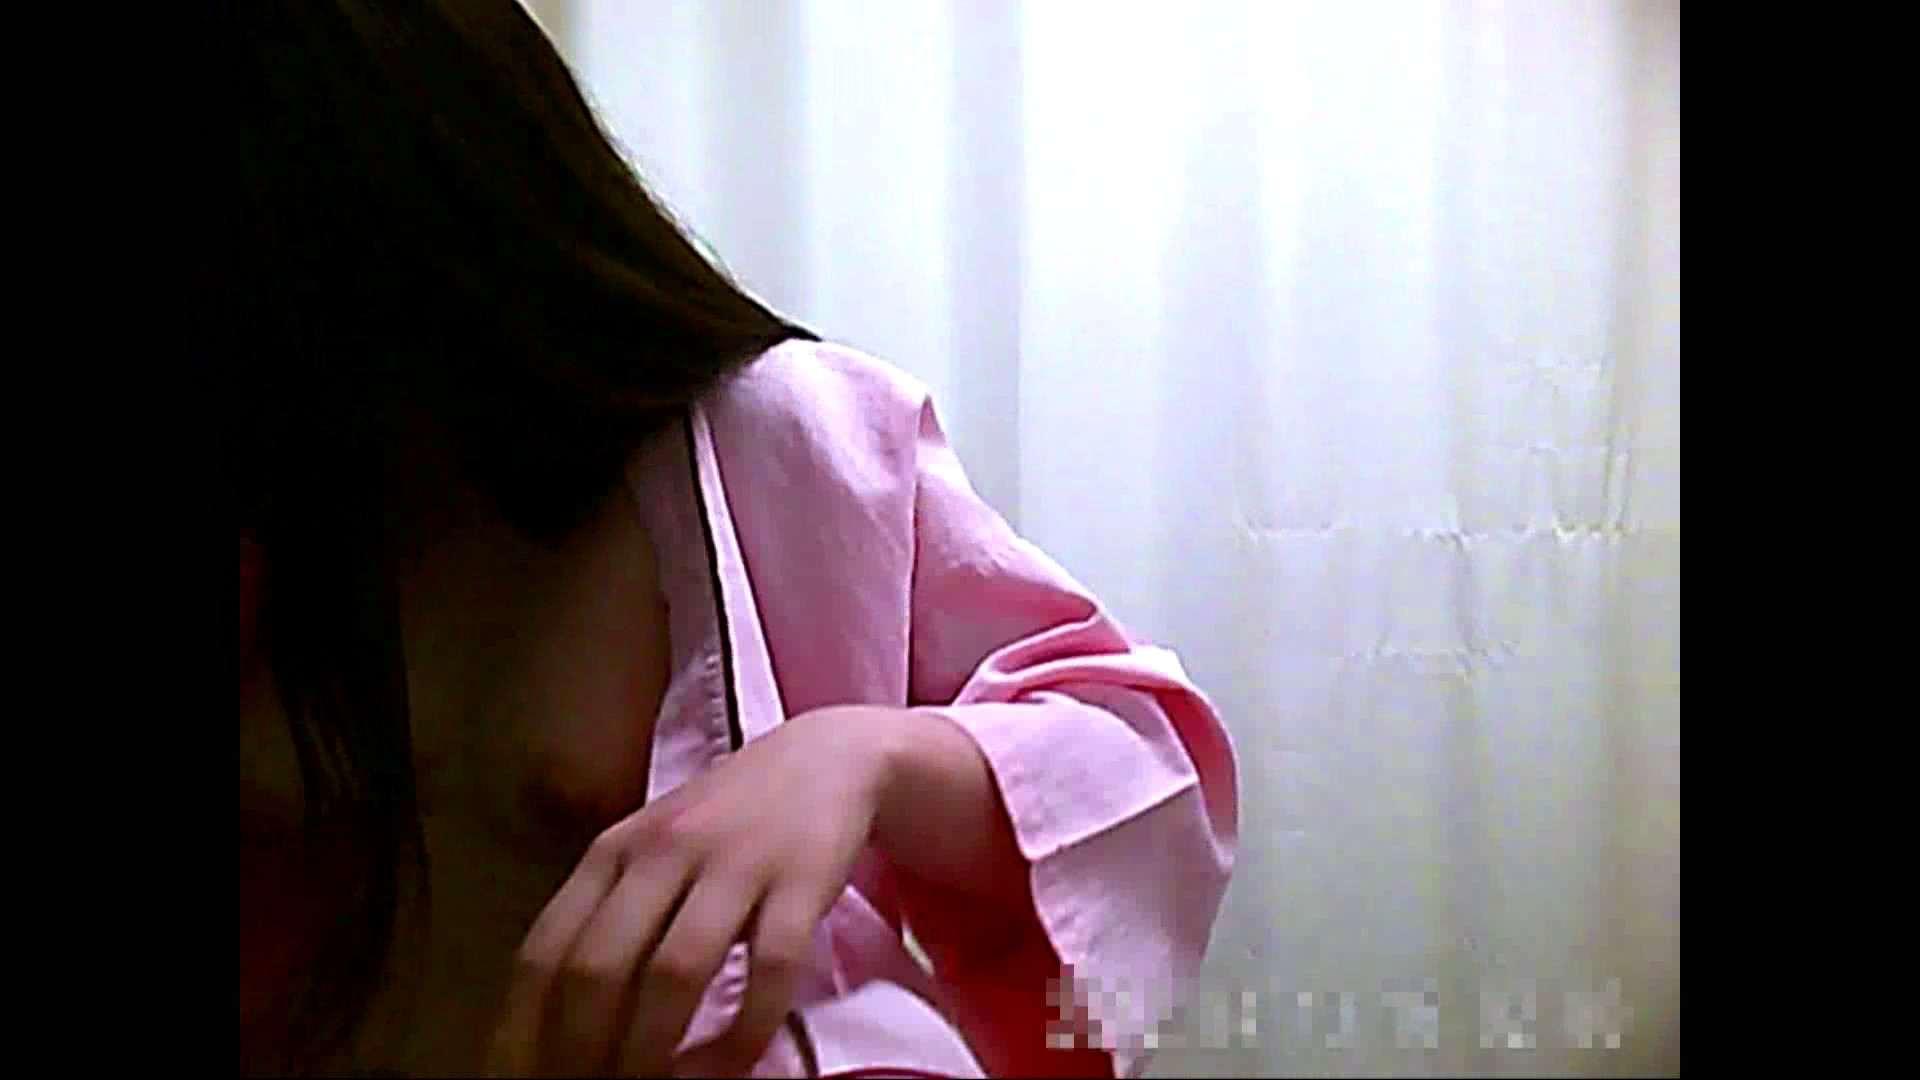 元医者による反抗 更衣室地獄絵巻 vol.018 OLのボディ  48PIX 24